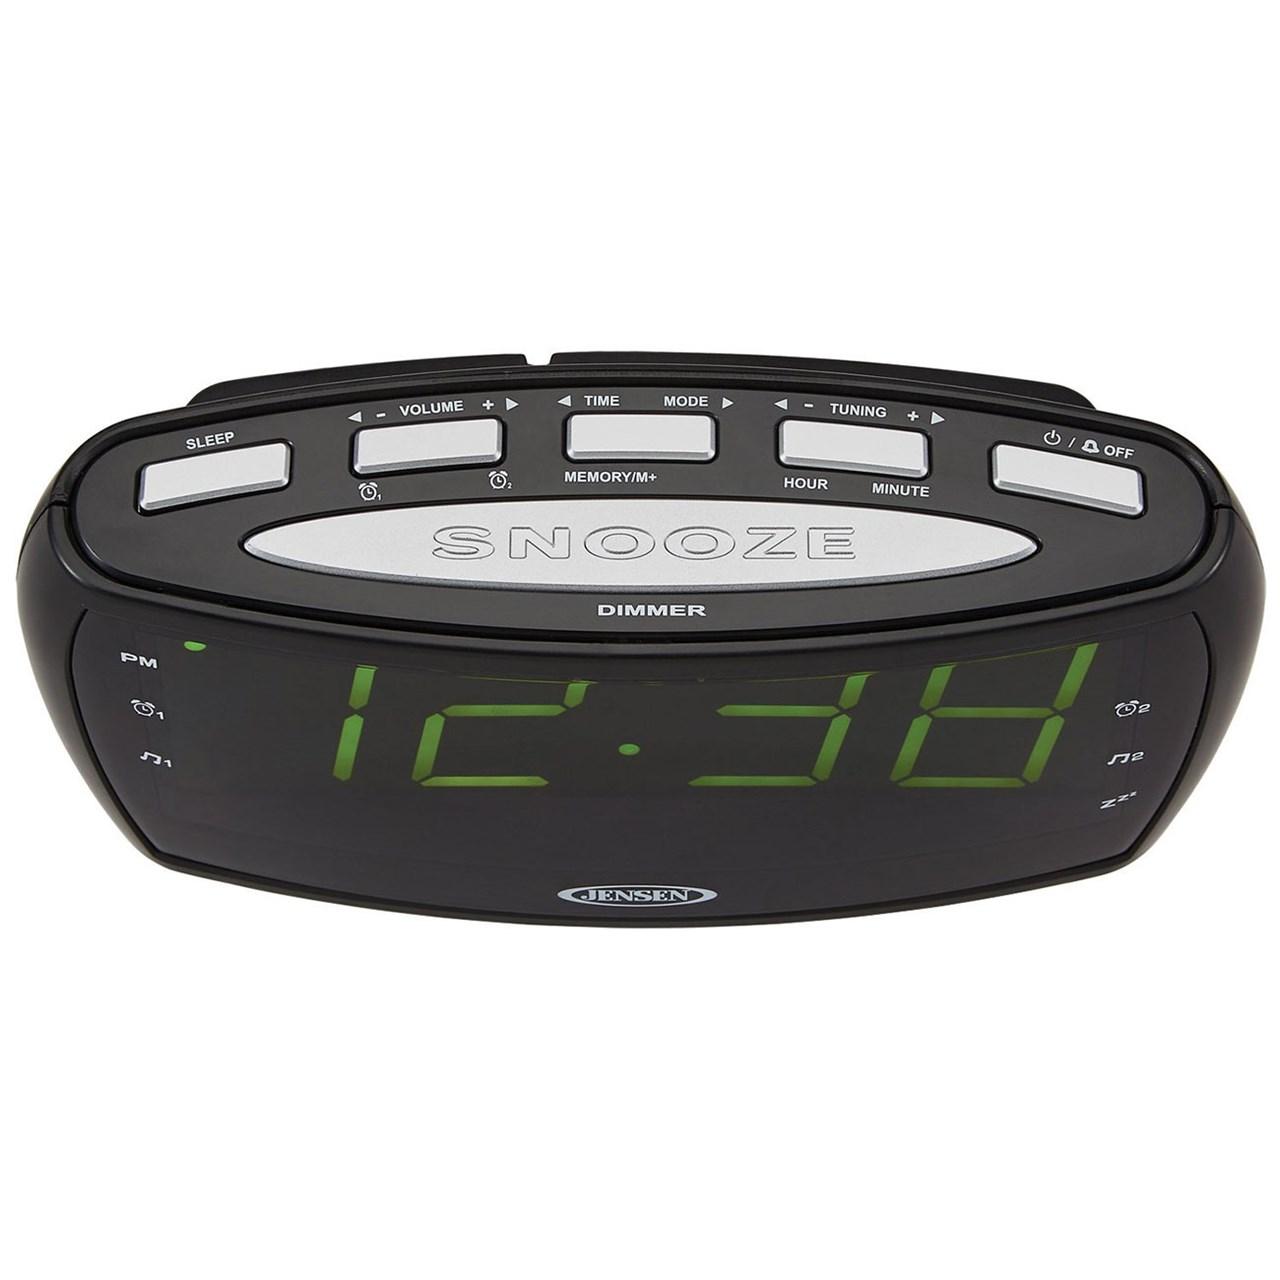 Dual digital clock